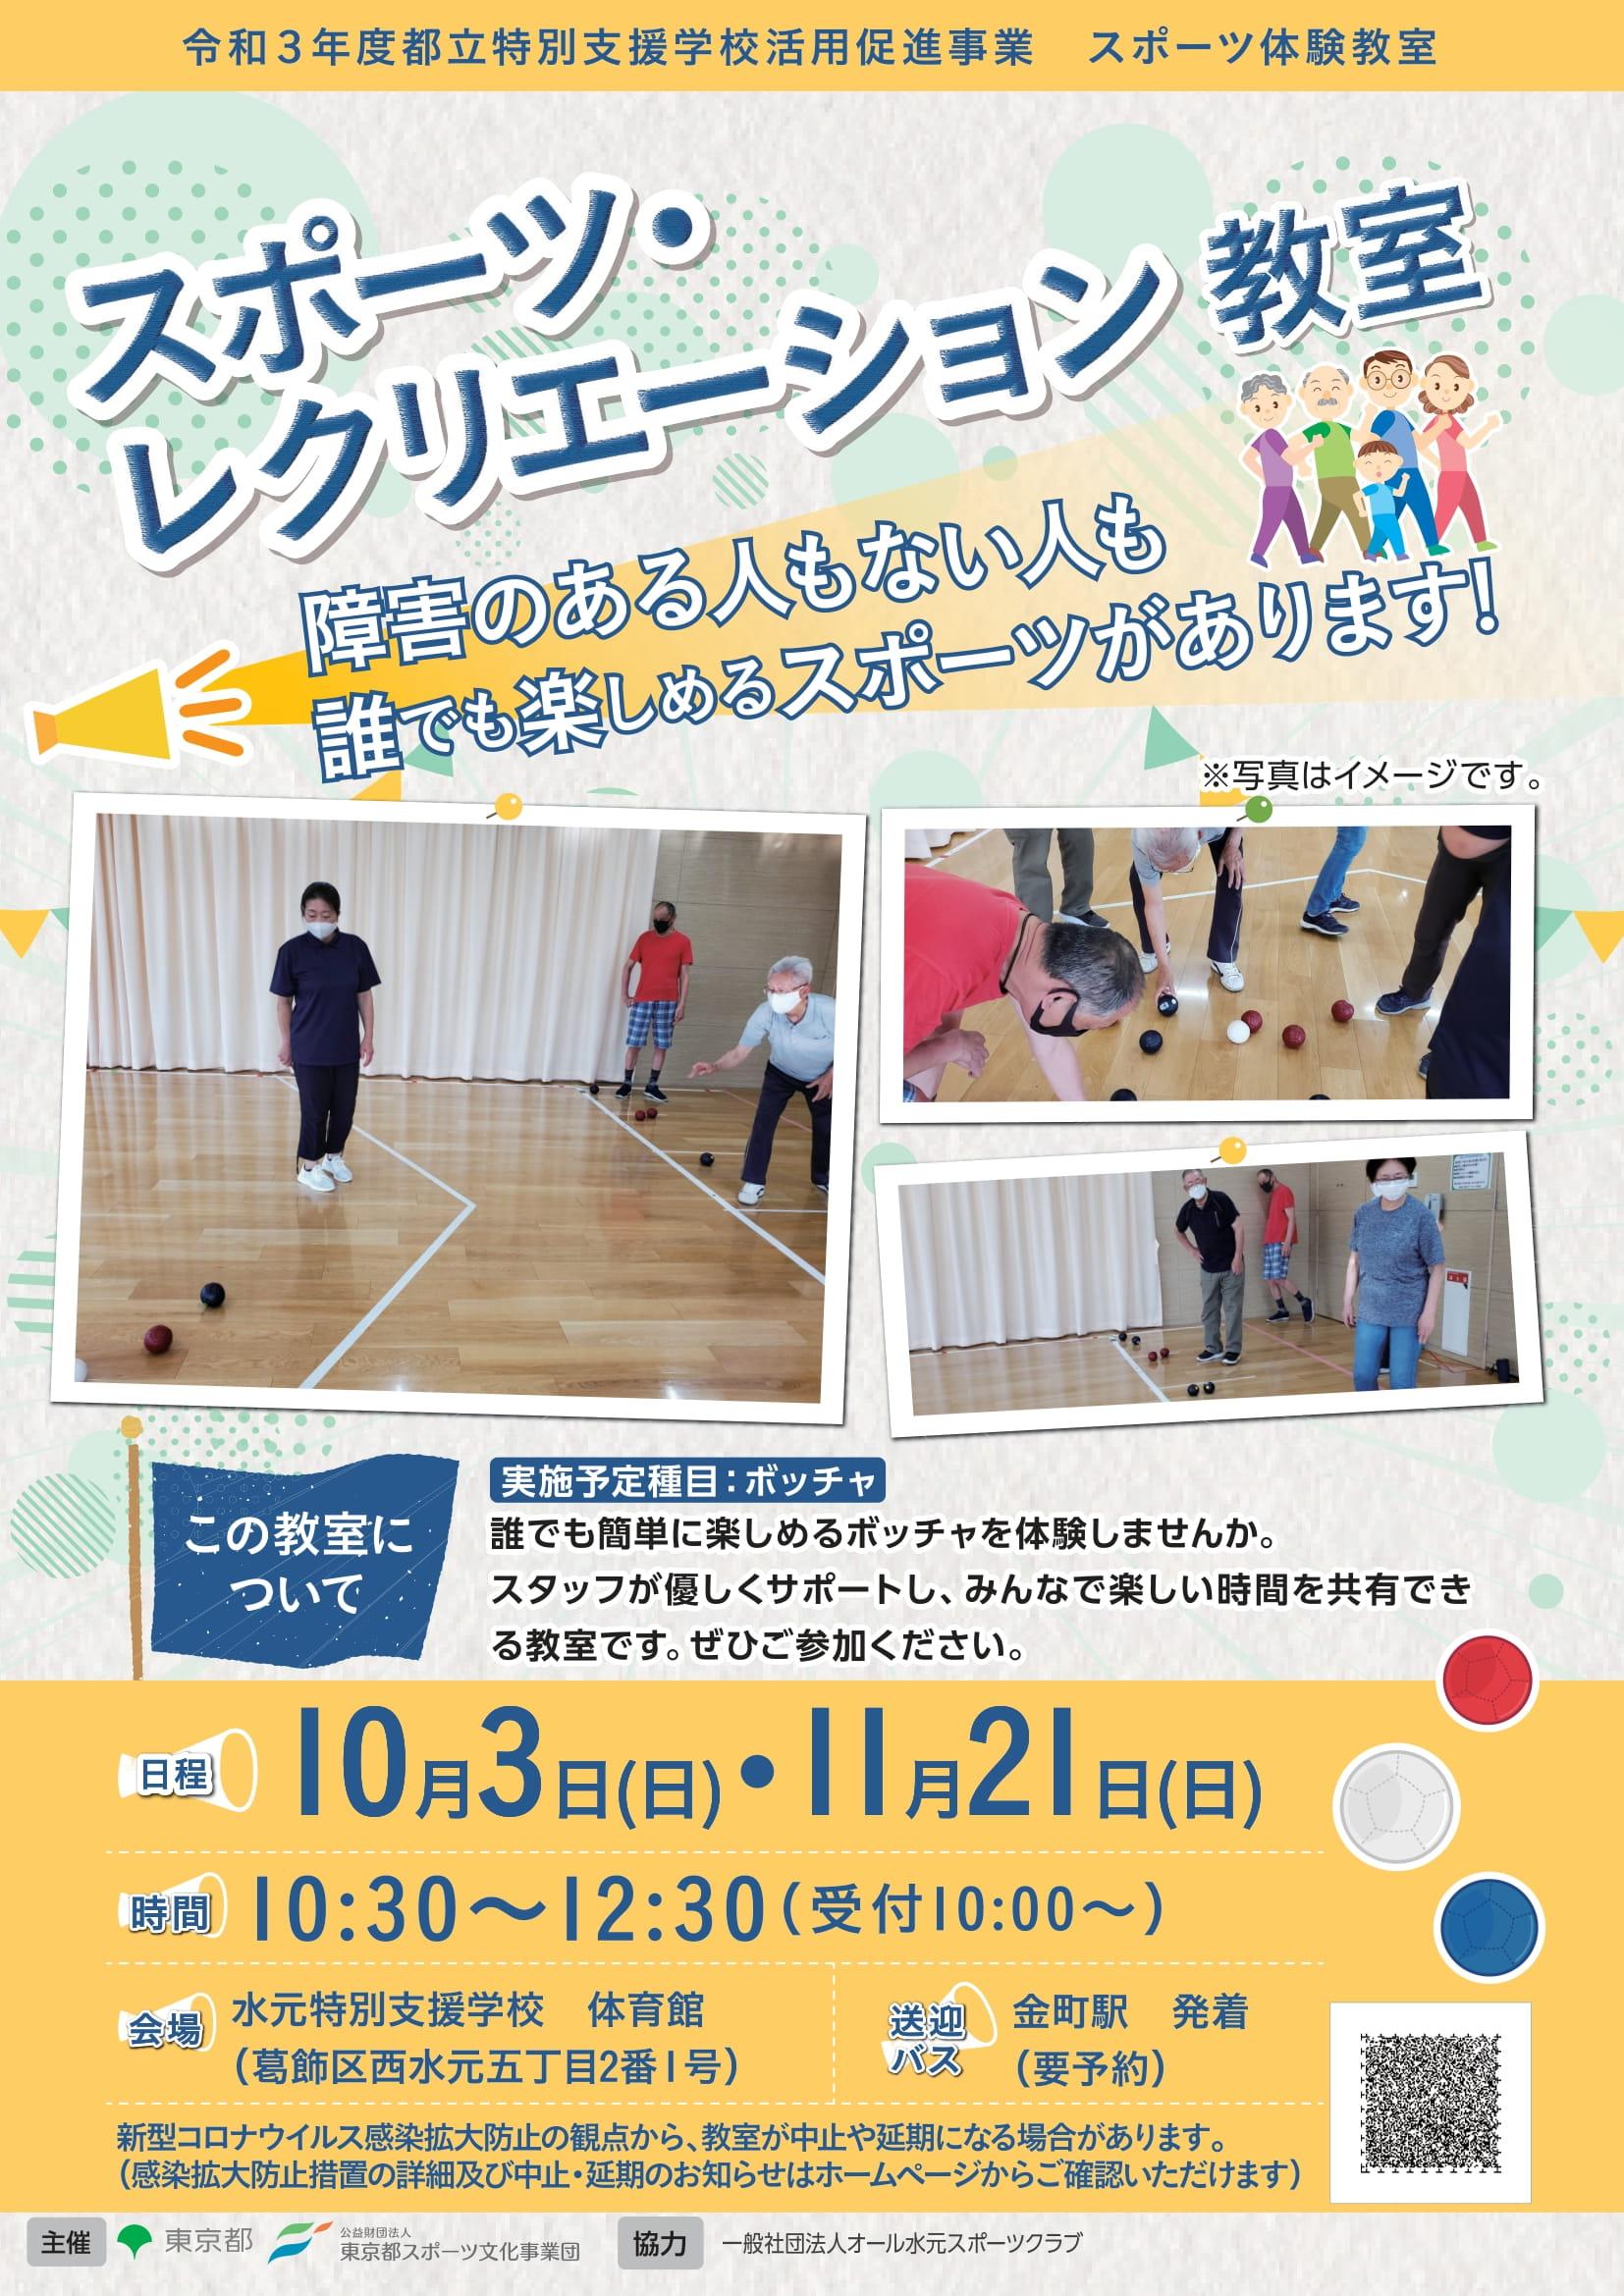 スポーツ・レクリエーション教室【水元特支】